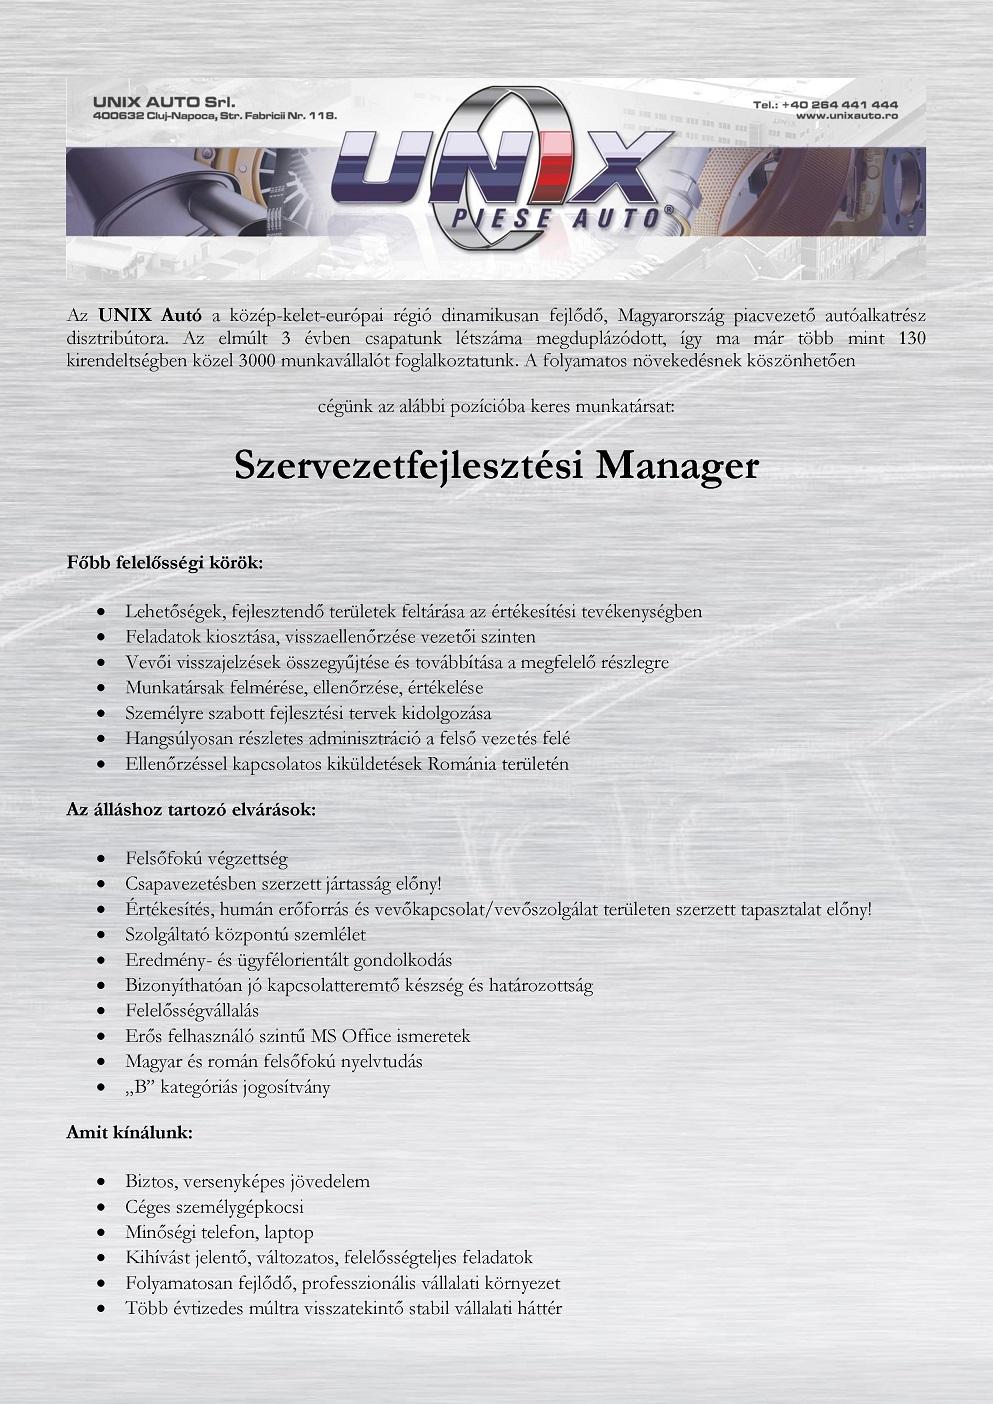 Szervezetfejlesztesi Manager